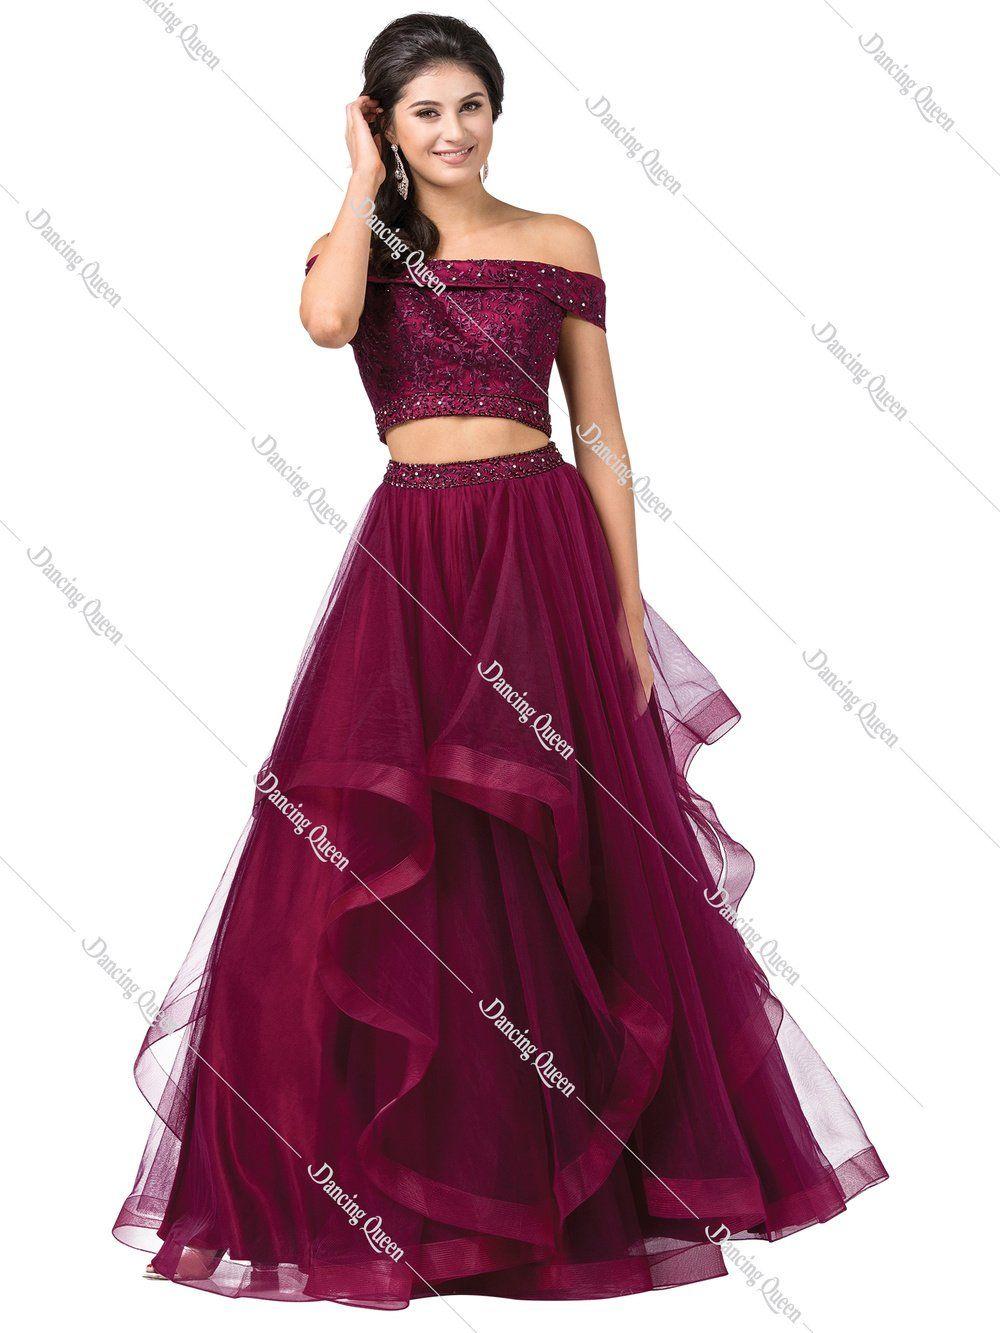 9e9eff192f DQ 2545 - Two-piece ballgown